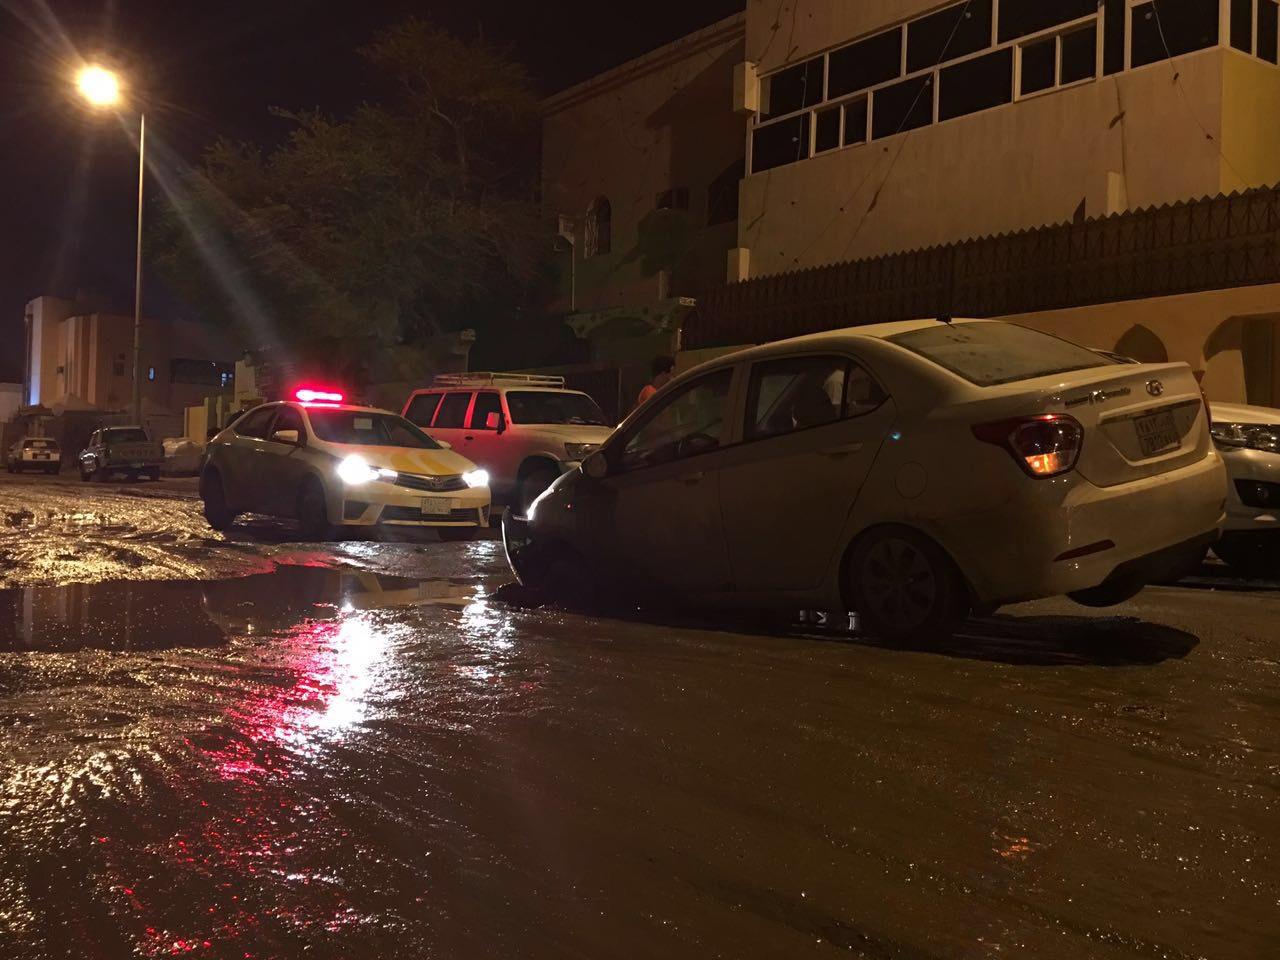 فتحات الصرف تصطاد سيارات المواطنين بجازان (6)